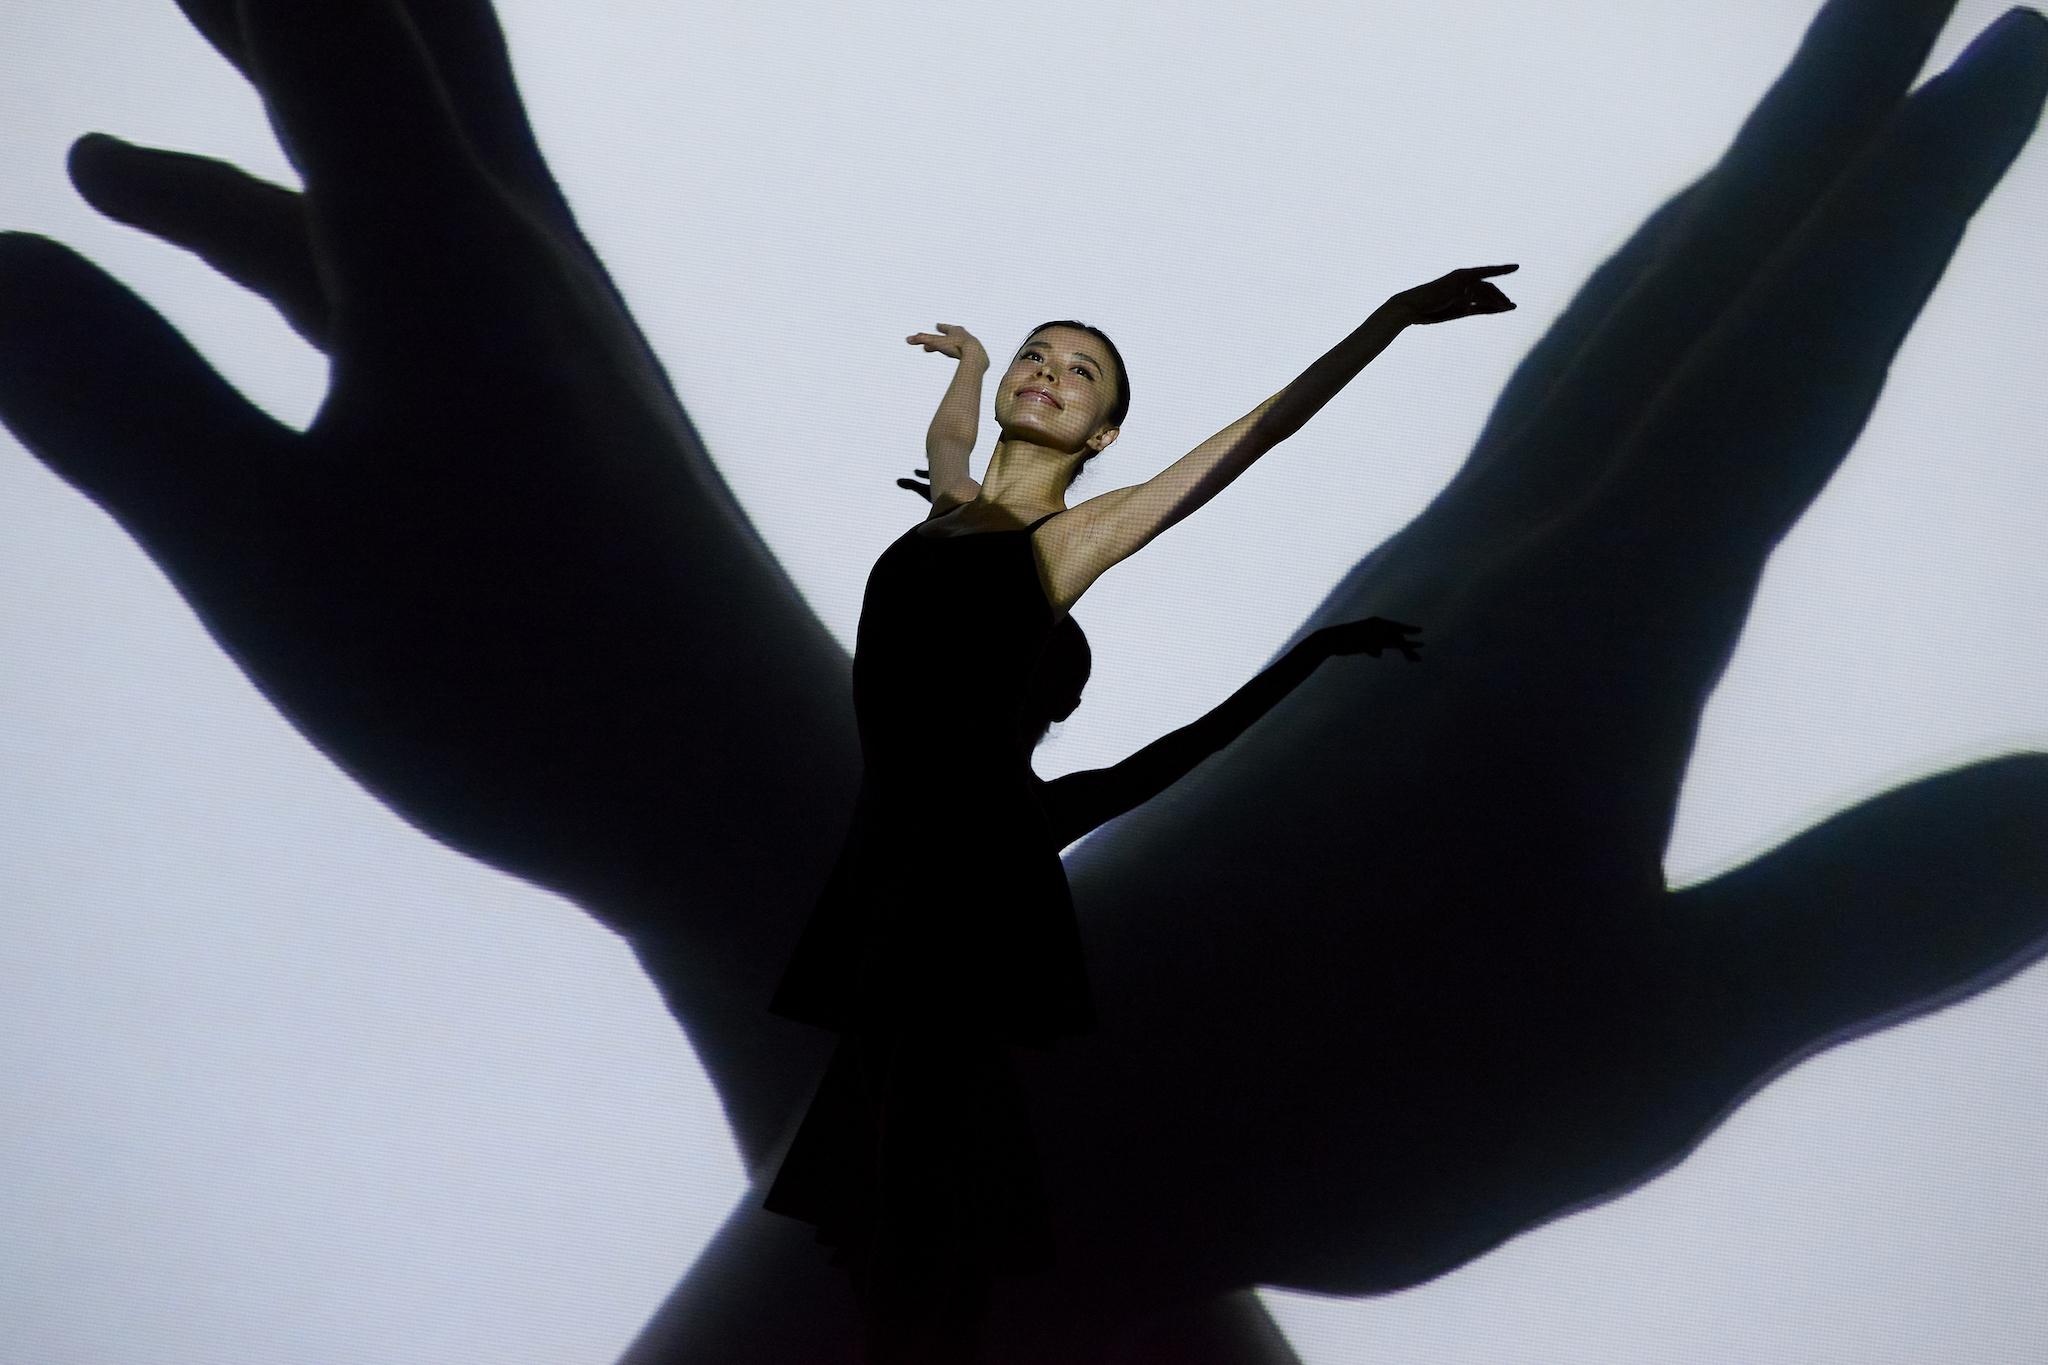 Enra: animación digital, performance y danza japonesa